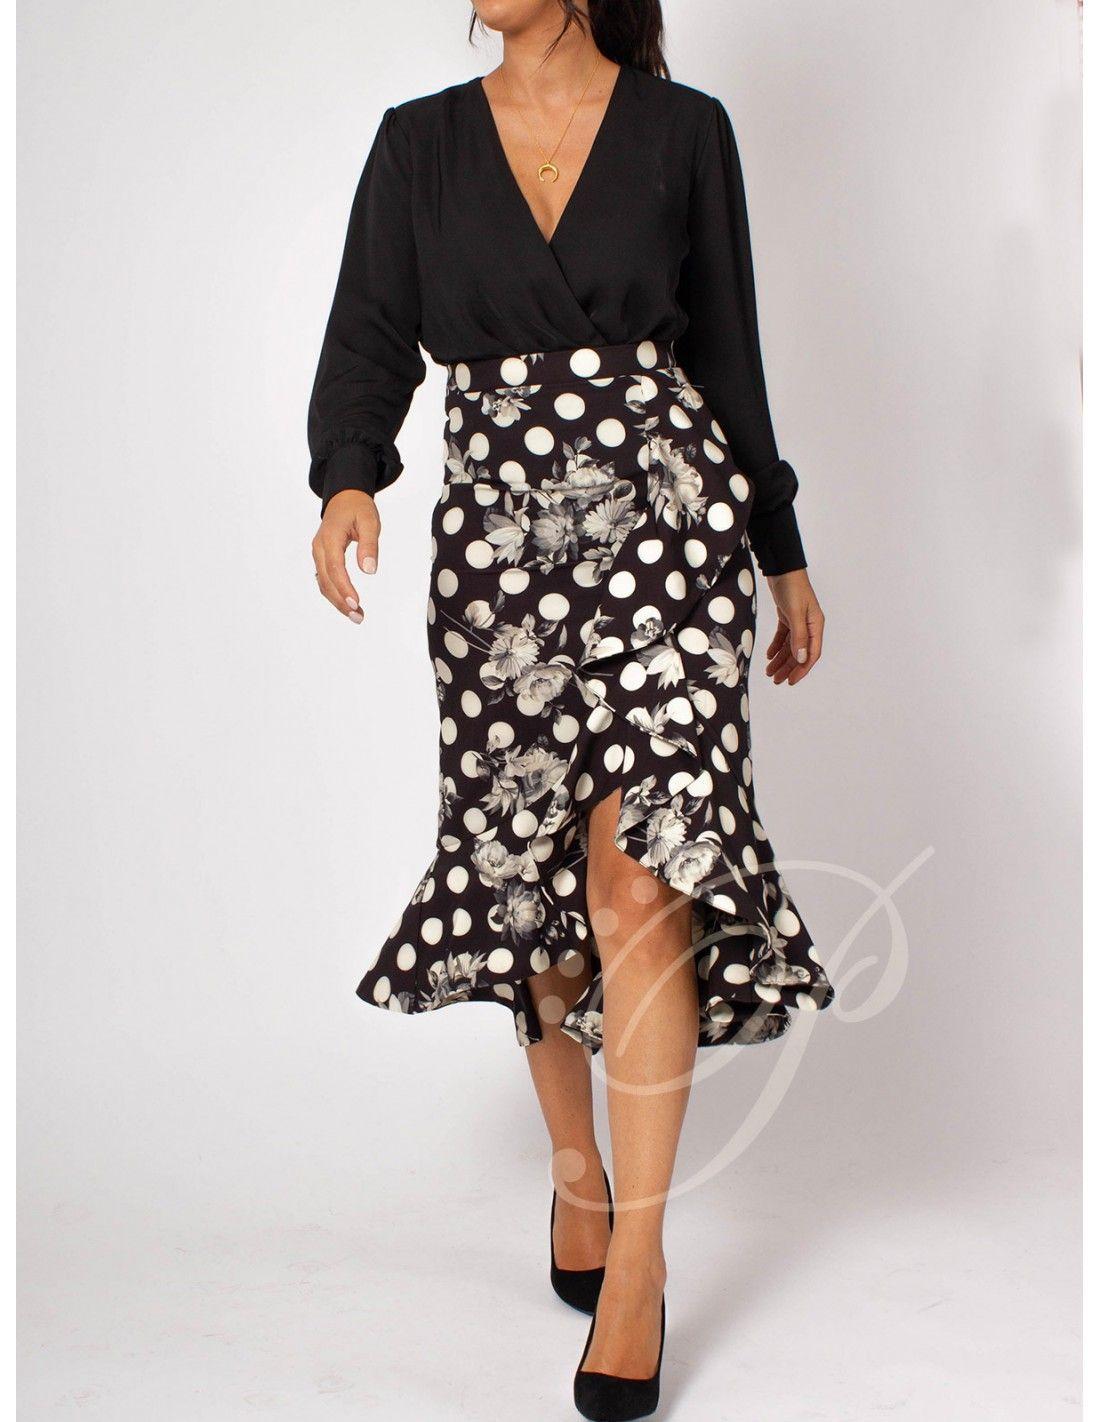 be39de217c Falda Ronda - Falda asimétrica en negra con lunares blancos y estampado de  flores. Cintura